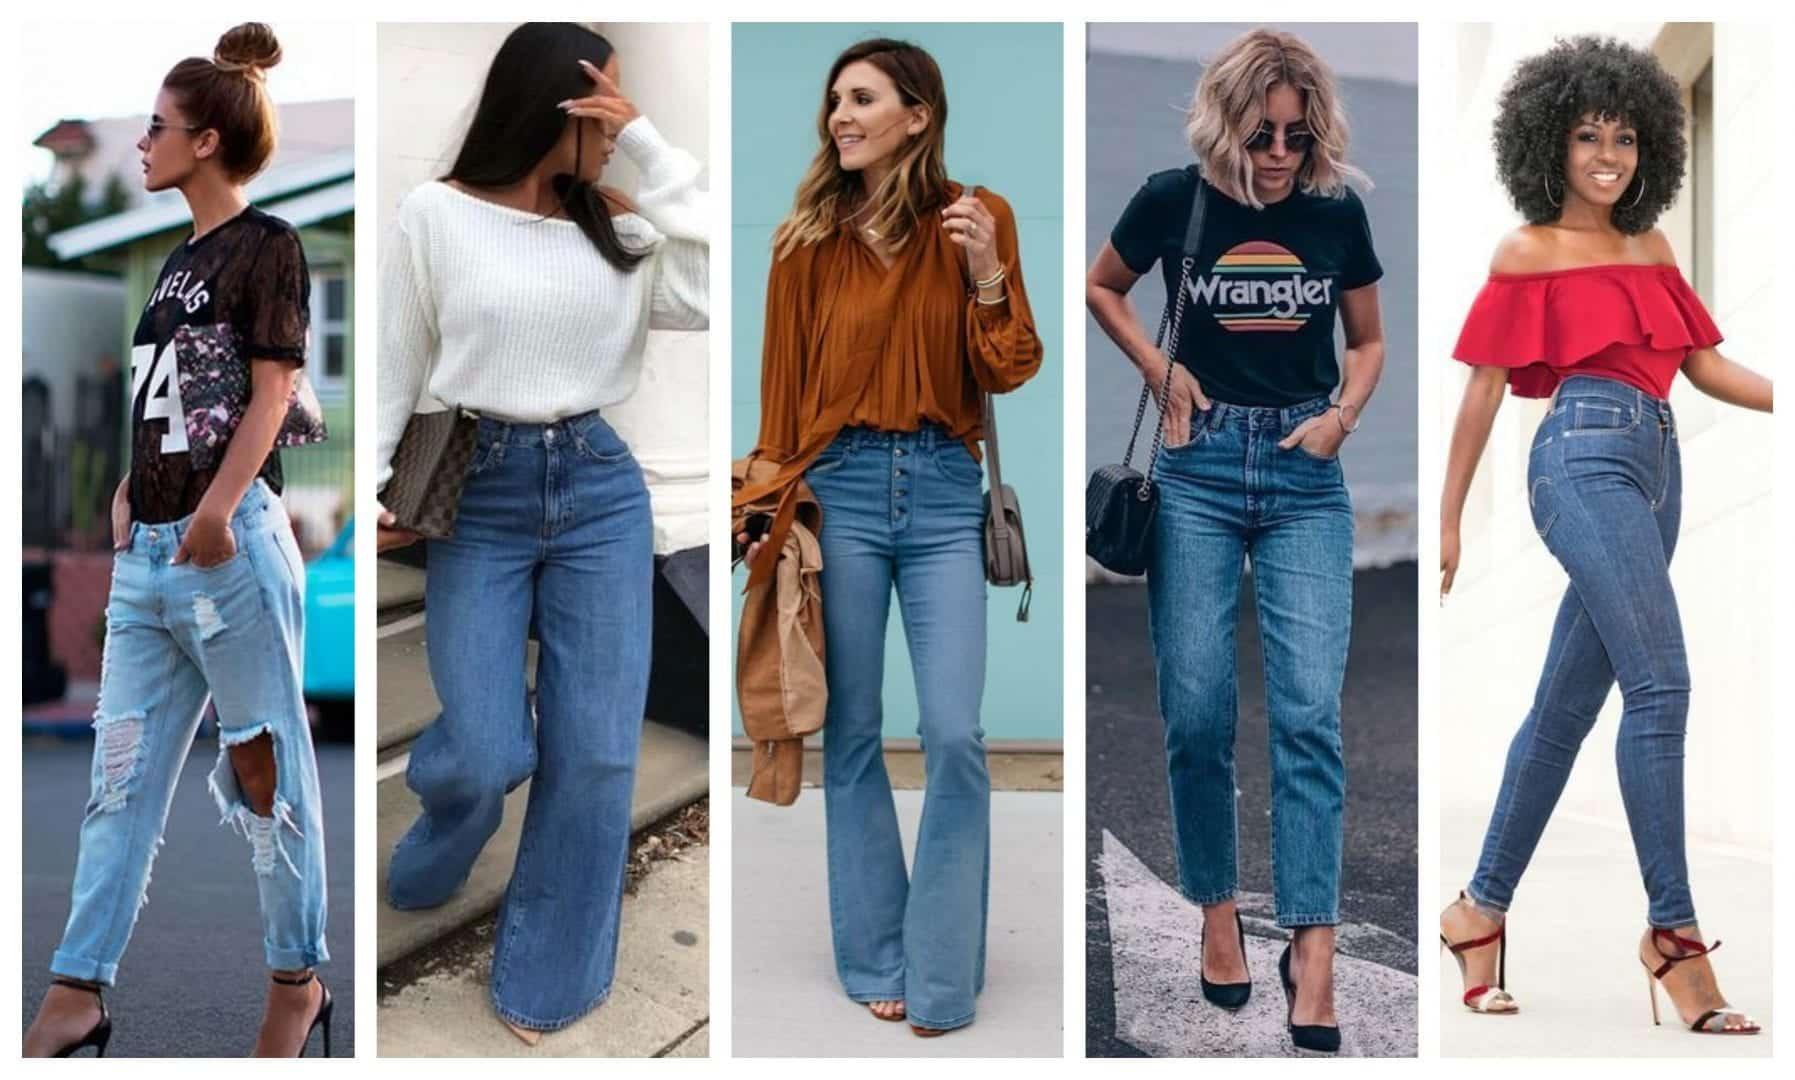 Tipos de calças - Calça jeans e 19 opções para arrasar no look